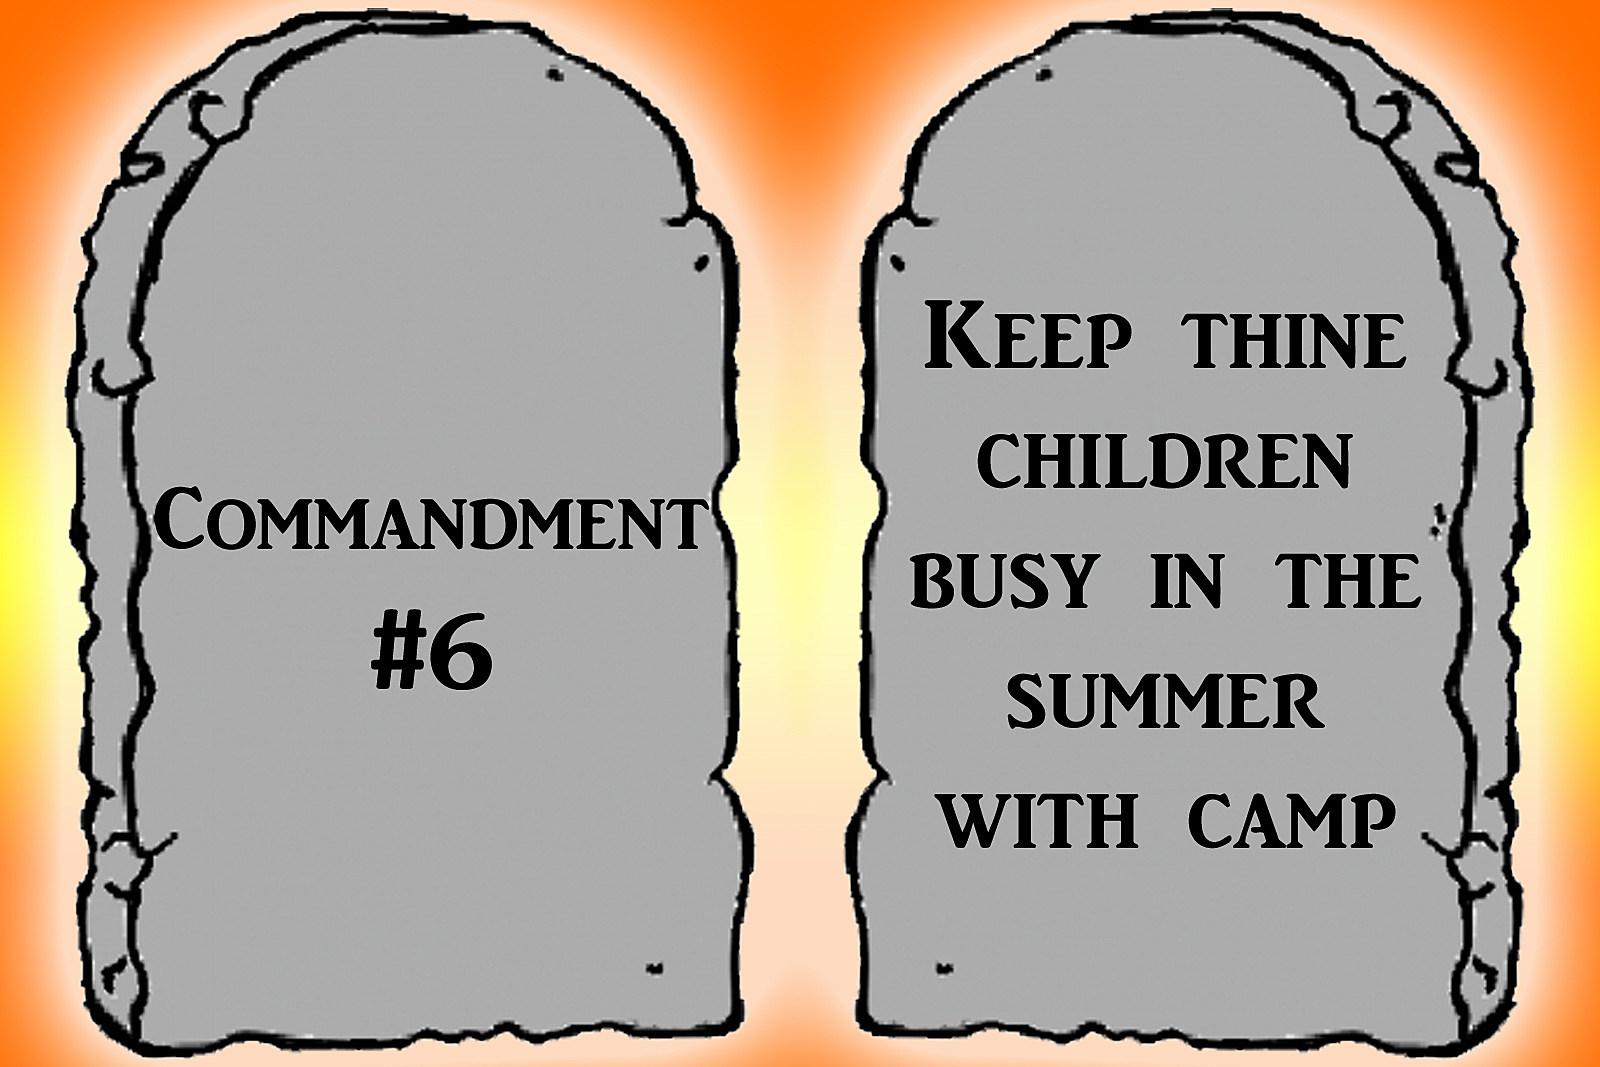 Commandment 6